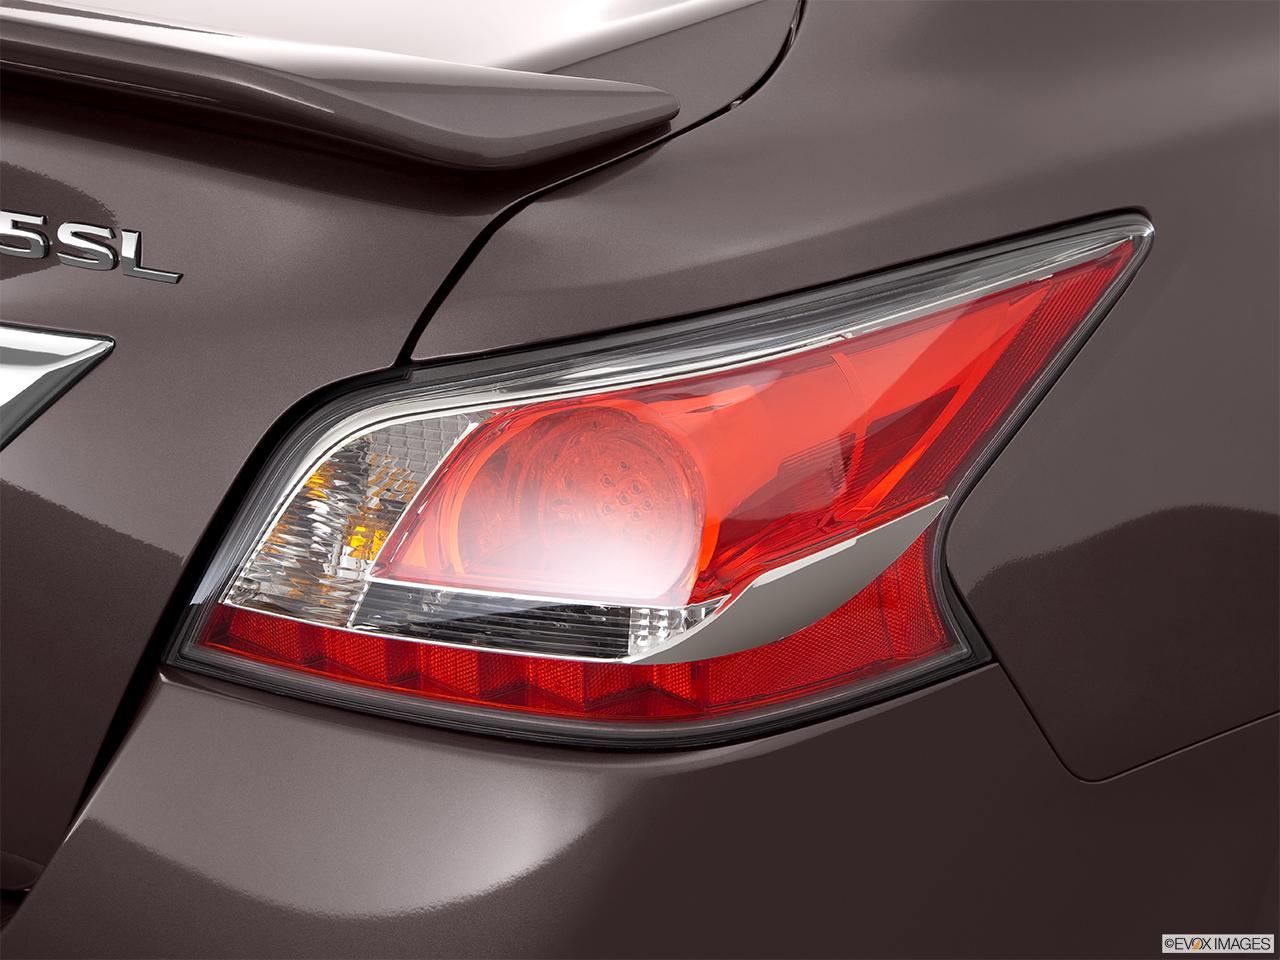 2015 Nissan Altima V6 3.5 SL Sedan   Passenger Side Taillight